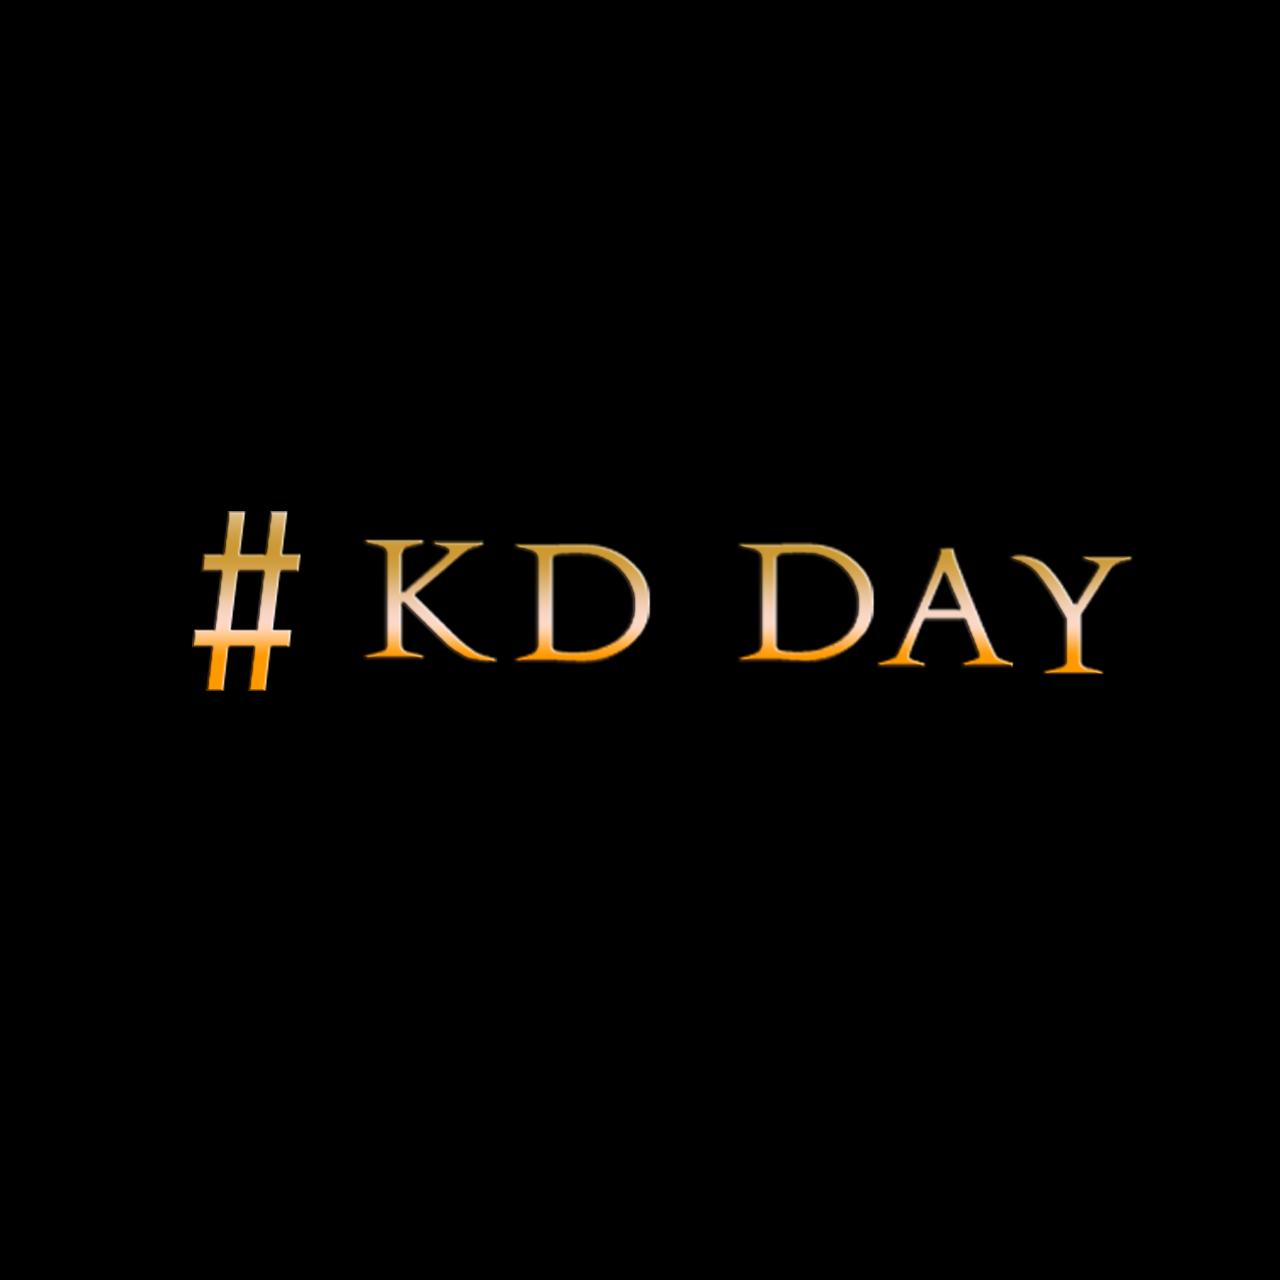 #kdday